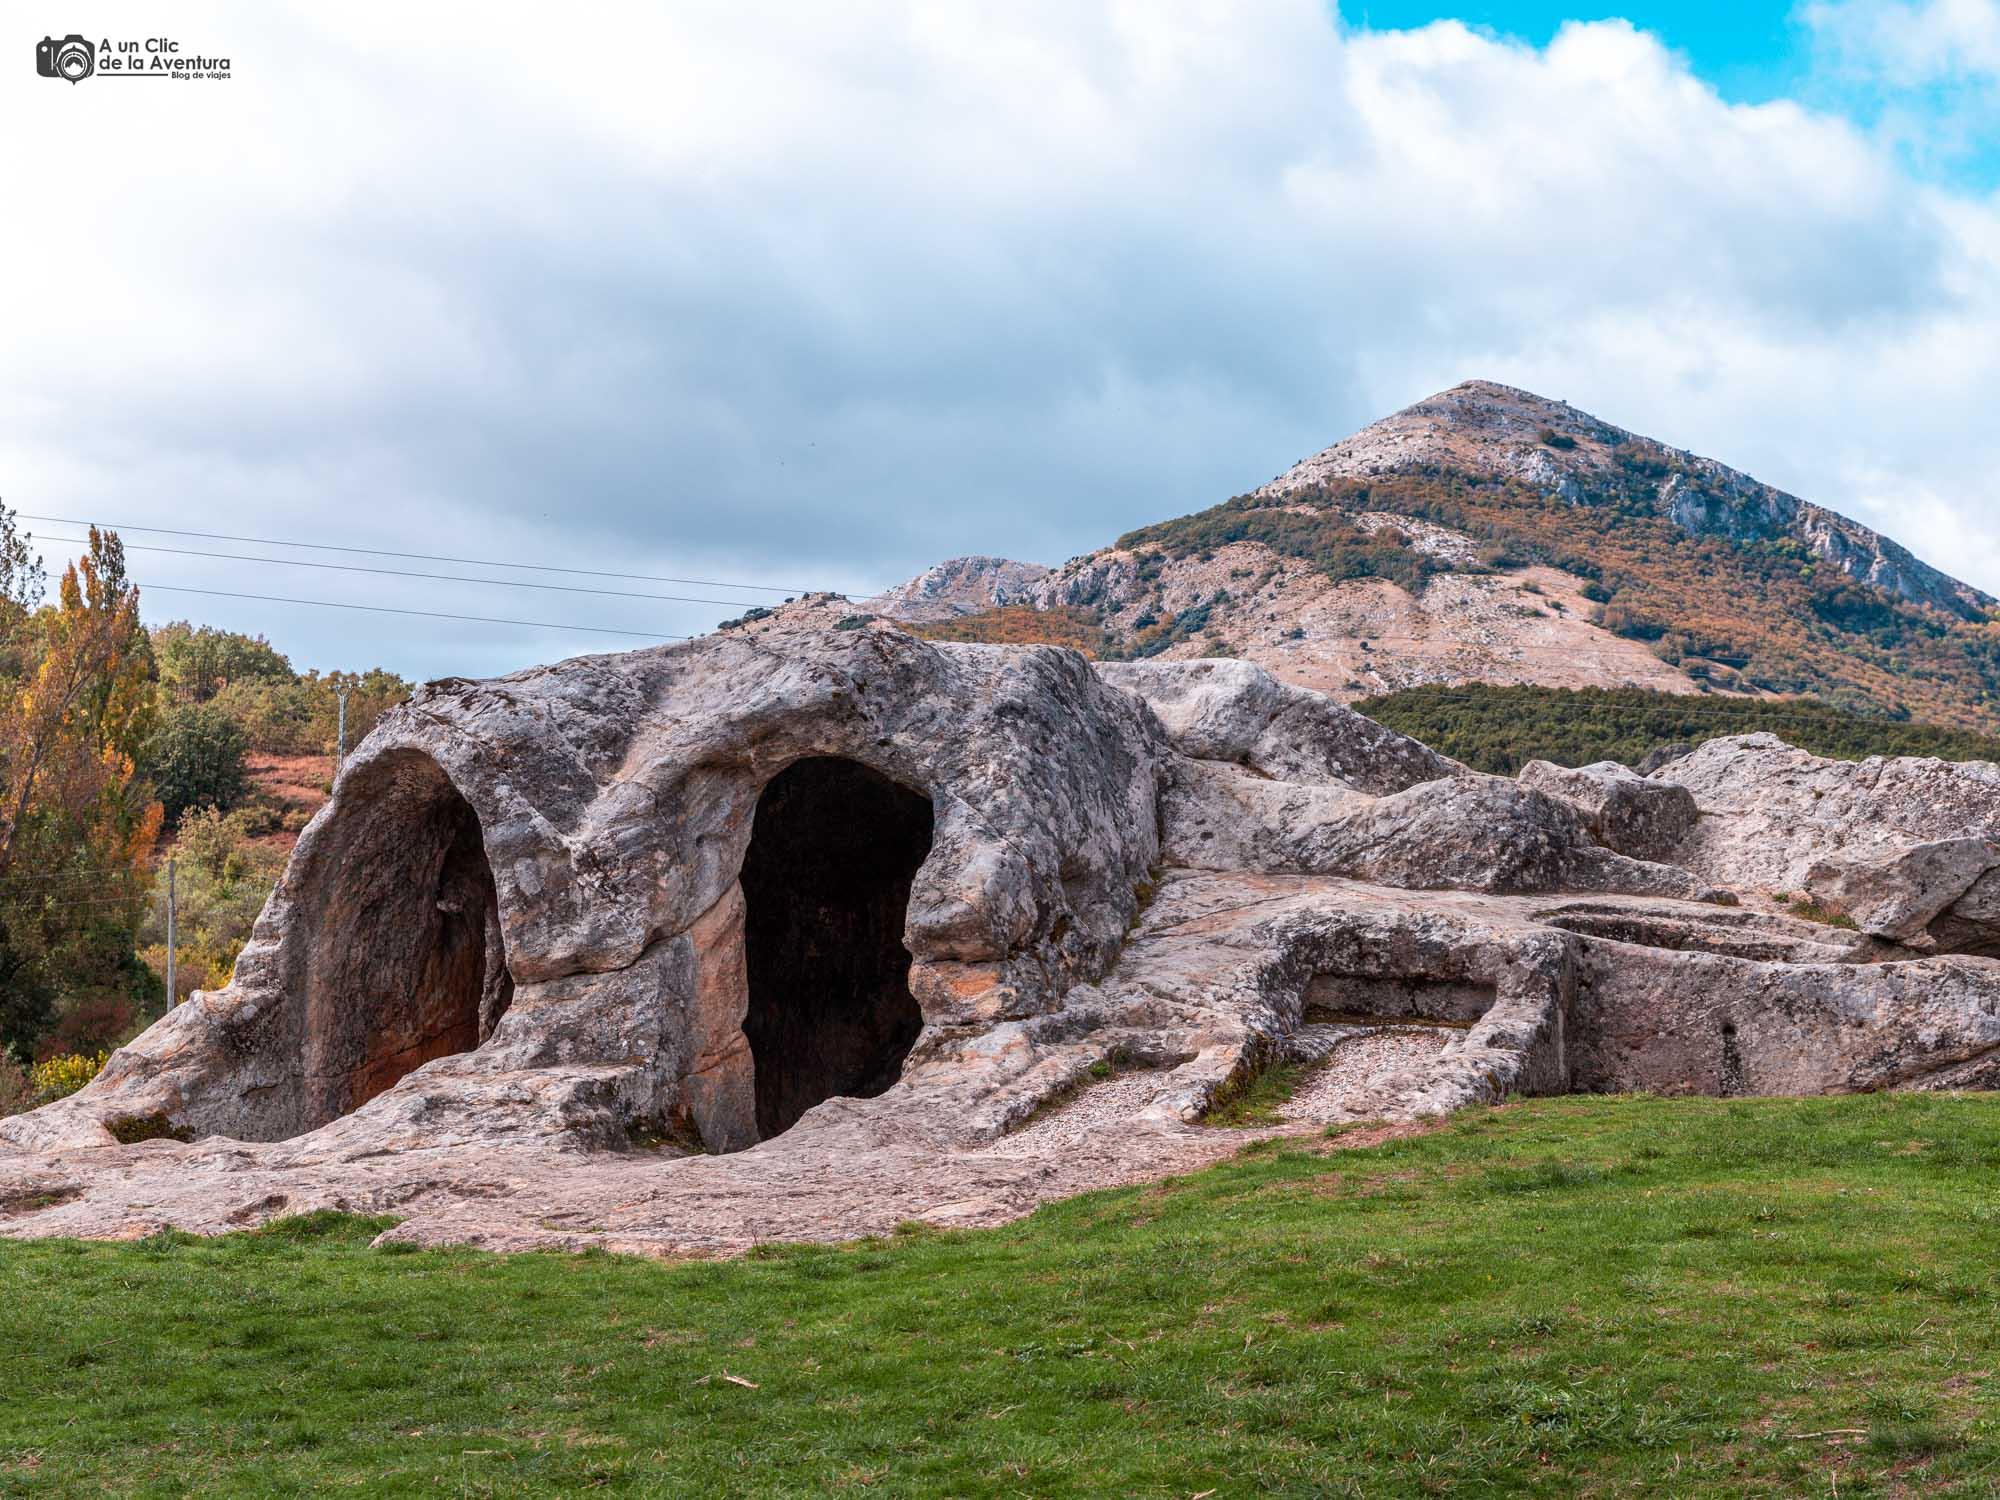 Eremitorio rupestre de San Vicente, Cervera de Pisuerga